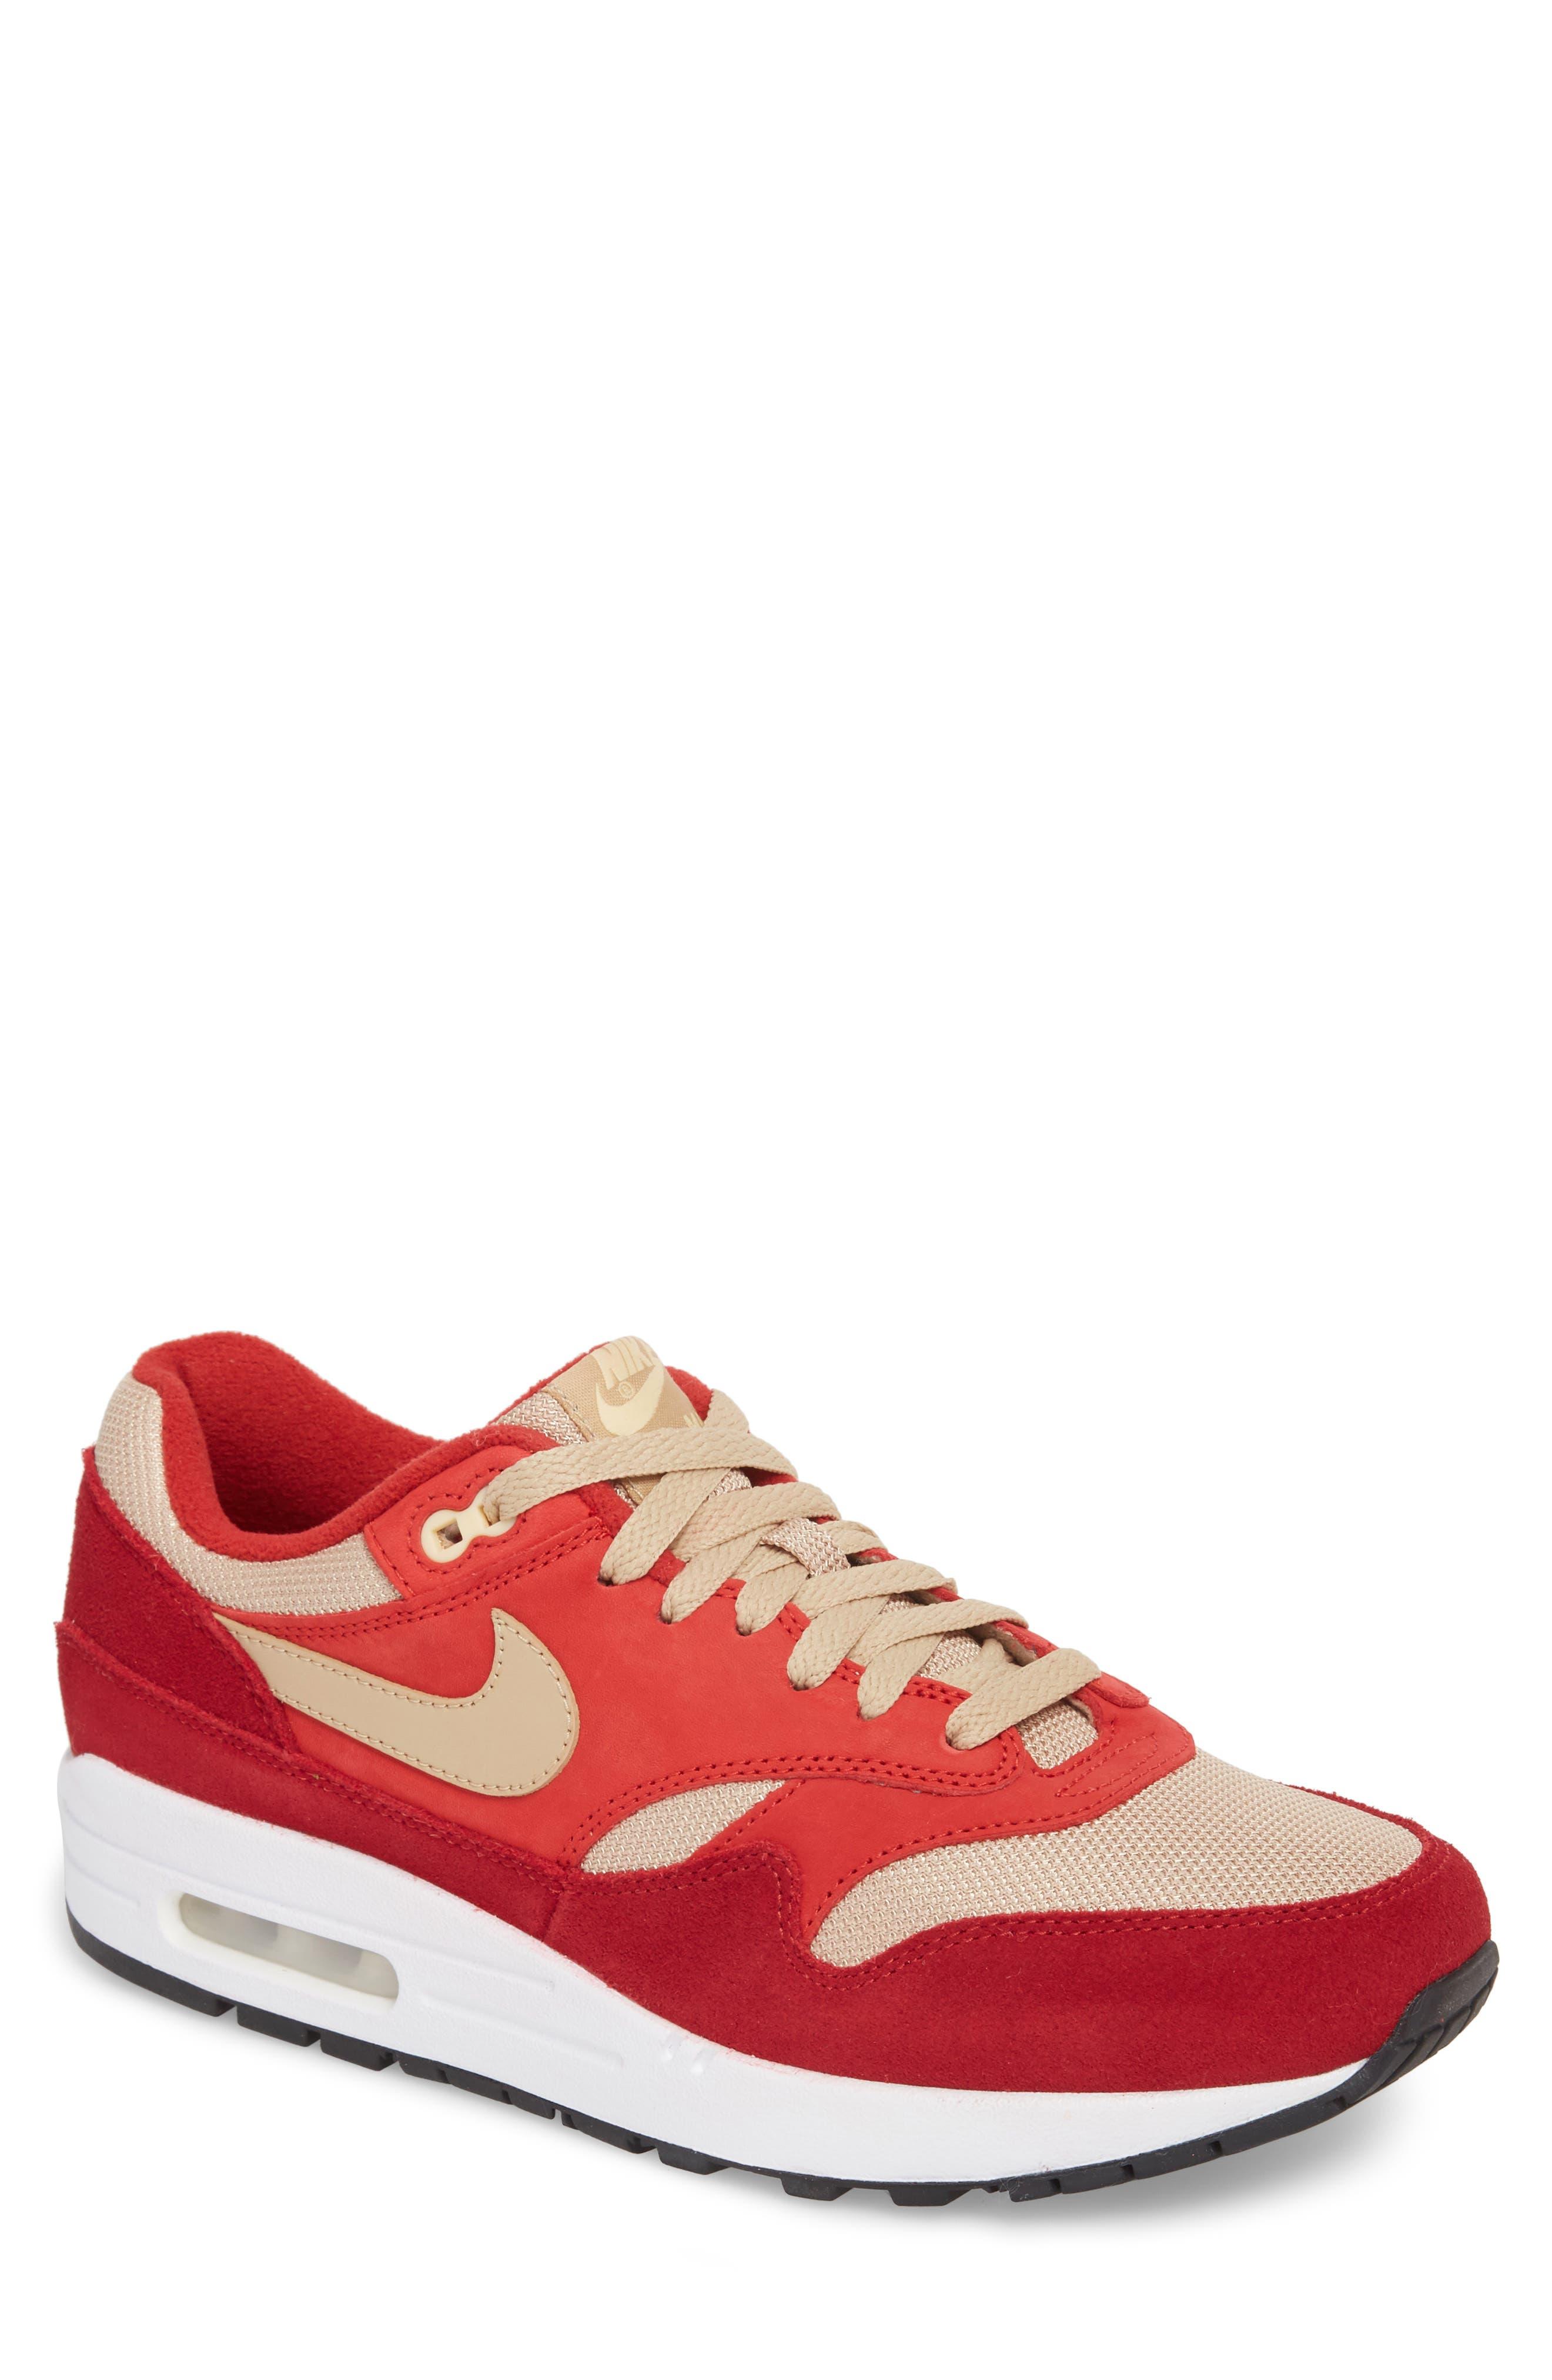 Air Max 1 Premium Retro Sneaker,                             Main thumbnail 2, color,